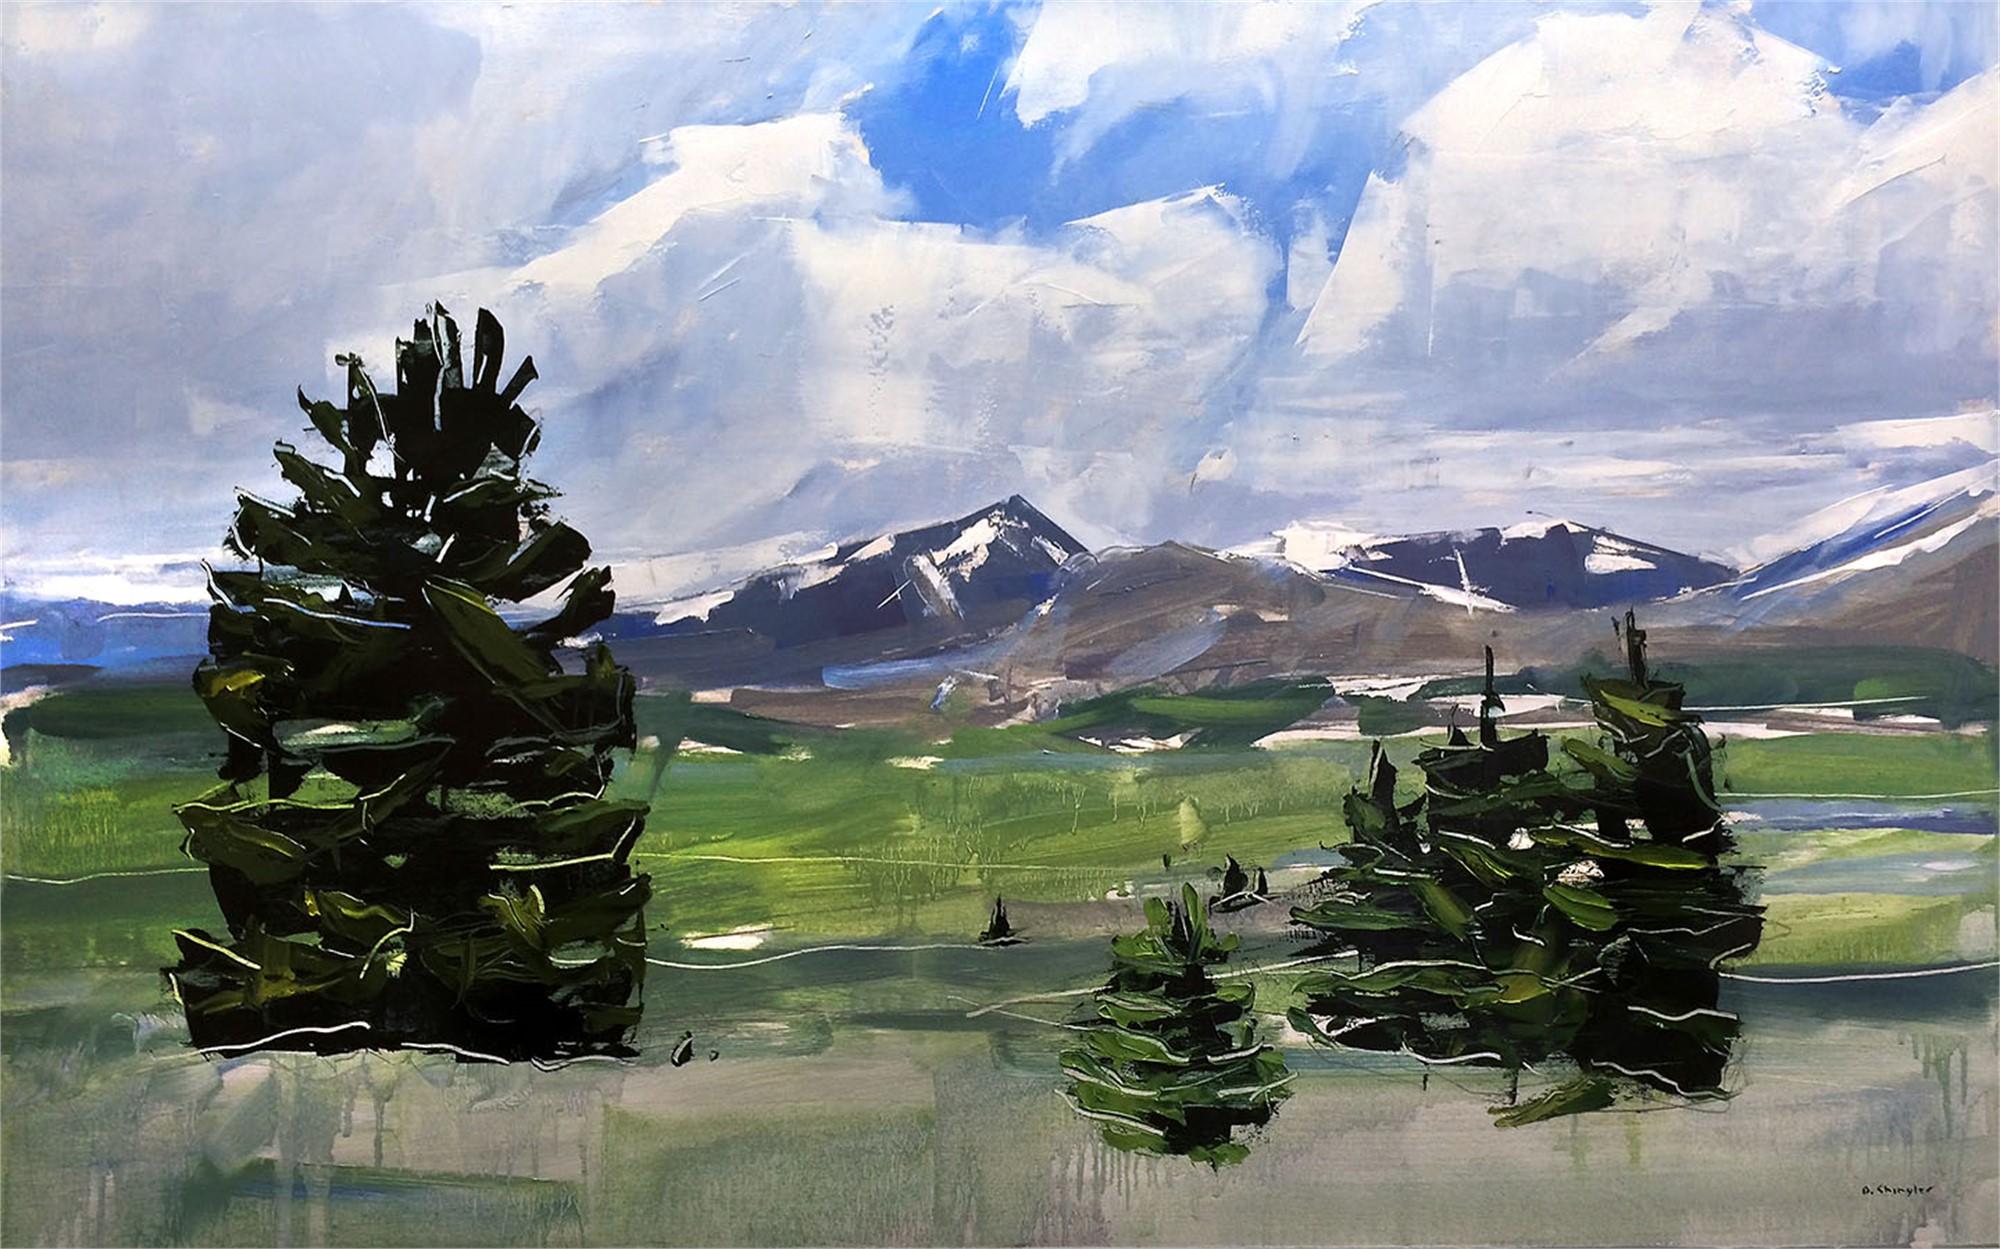 Mt. Evans and Bierstadt Colorado by David Shingler